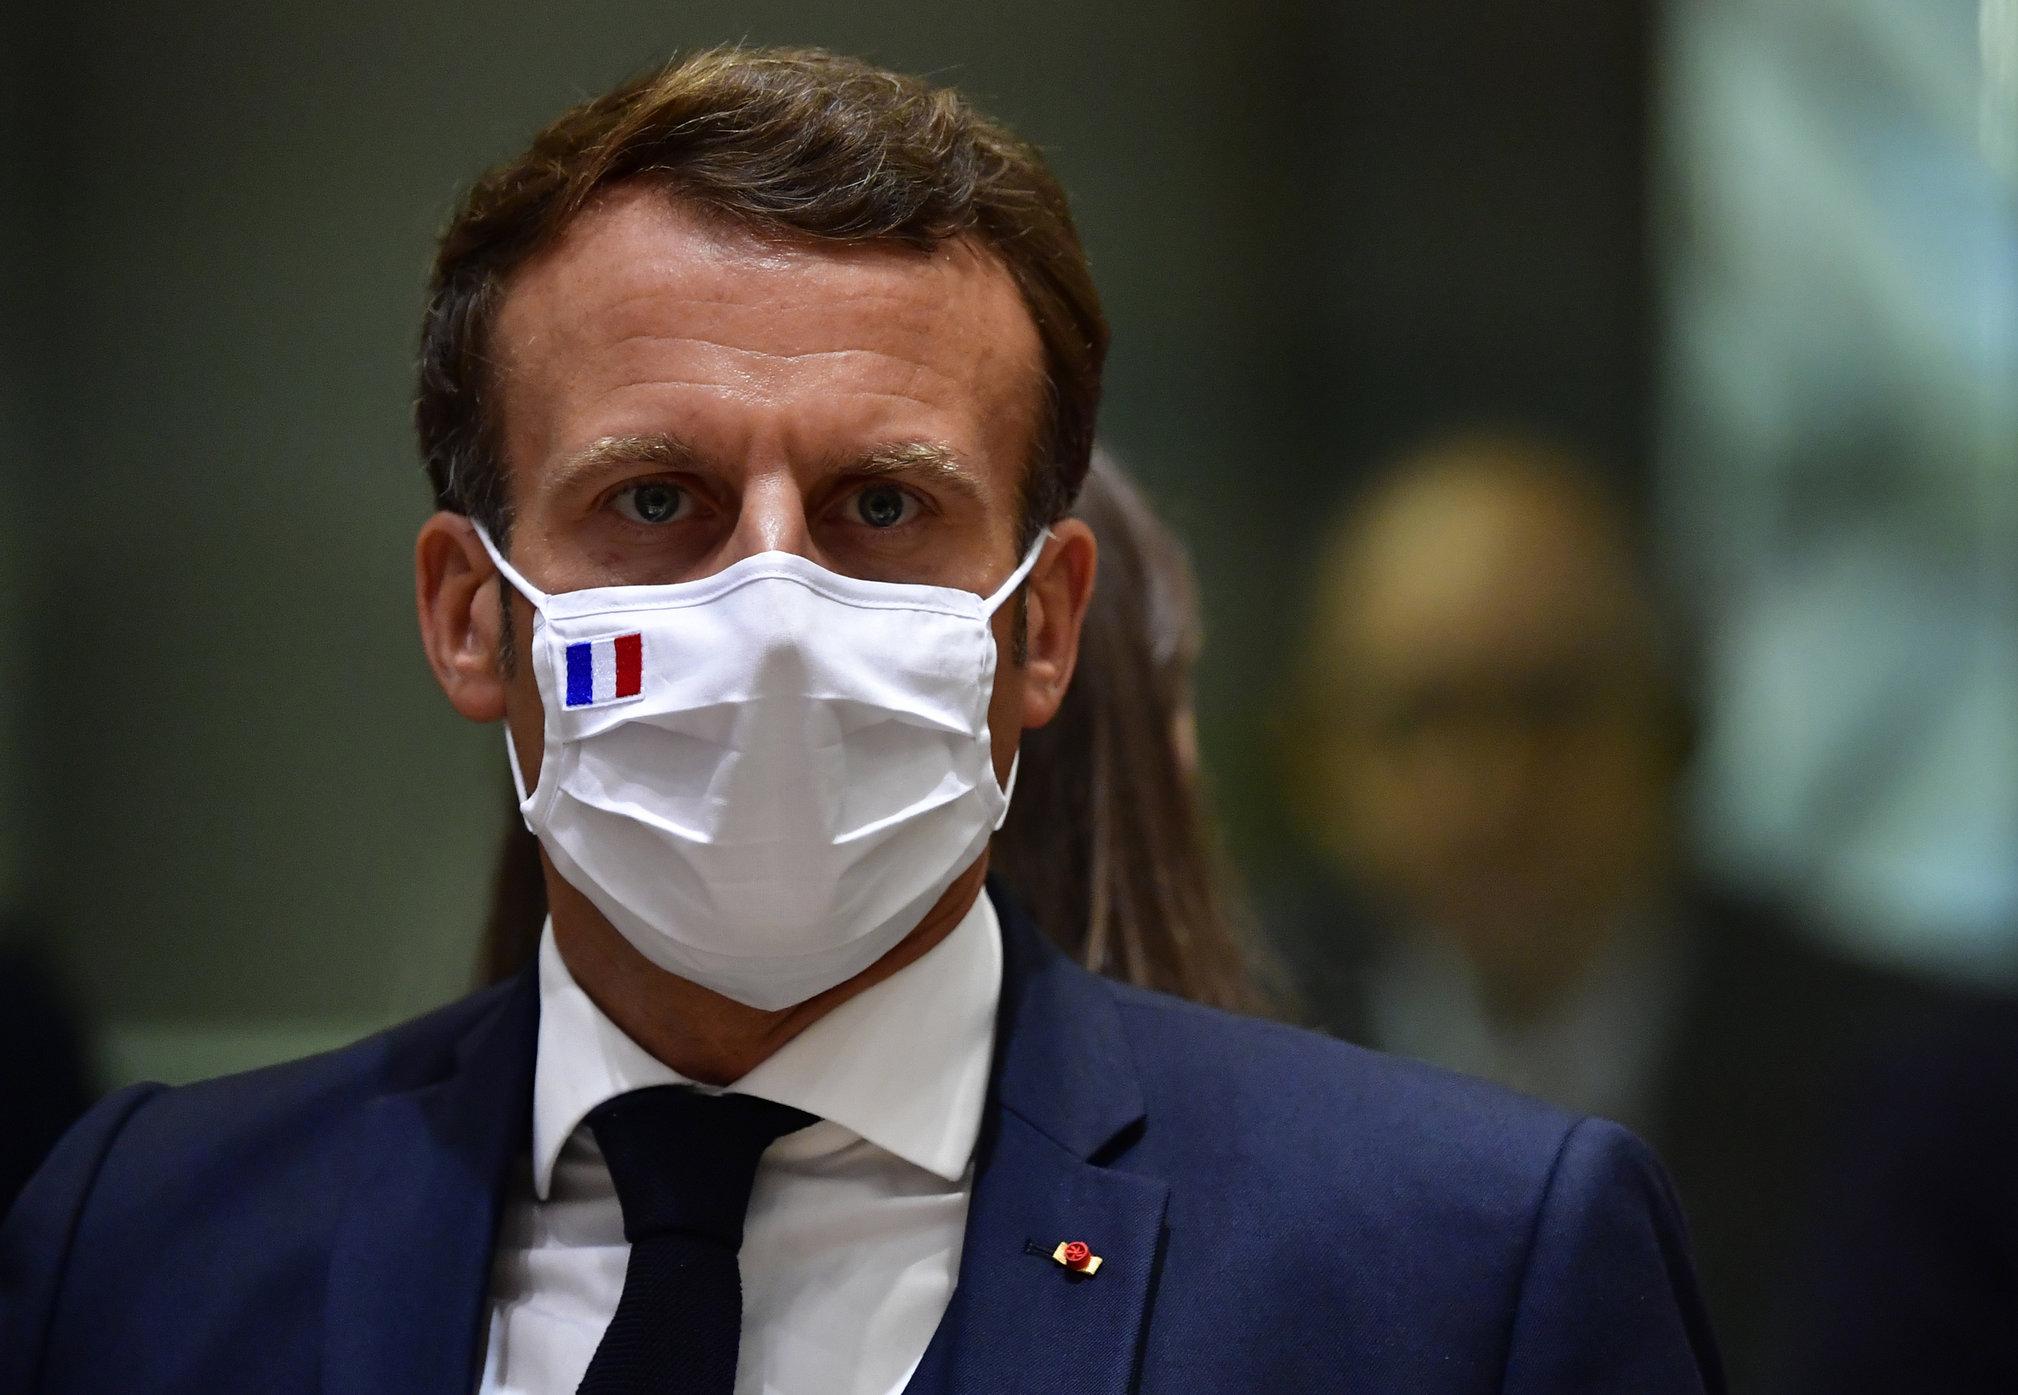 Franța va impune restricții doar celor nevaccinați, anunță Emmanuel Macron